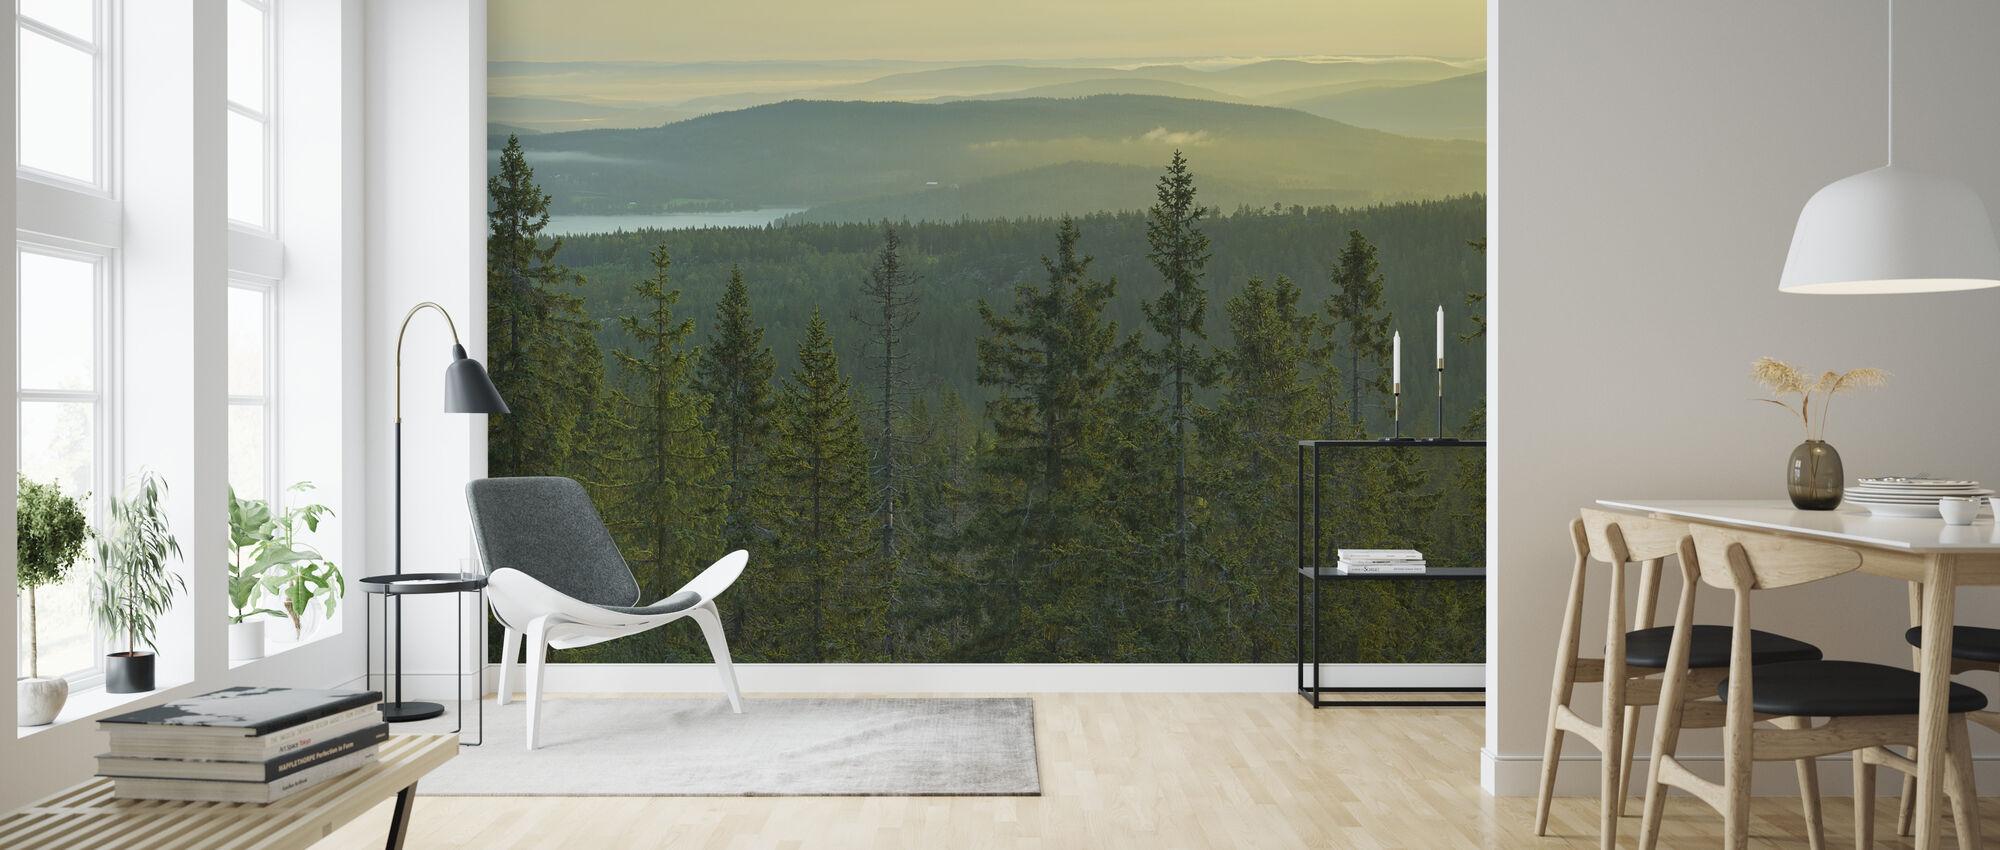 Gran topper i Skuleskogen nasjonalpark, Sverige - Tapet - Stue